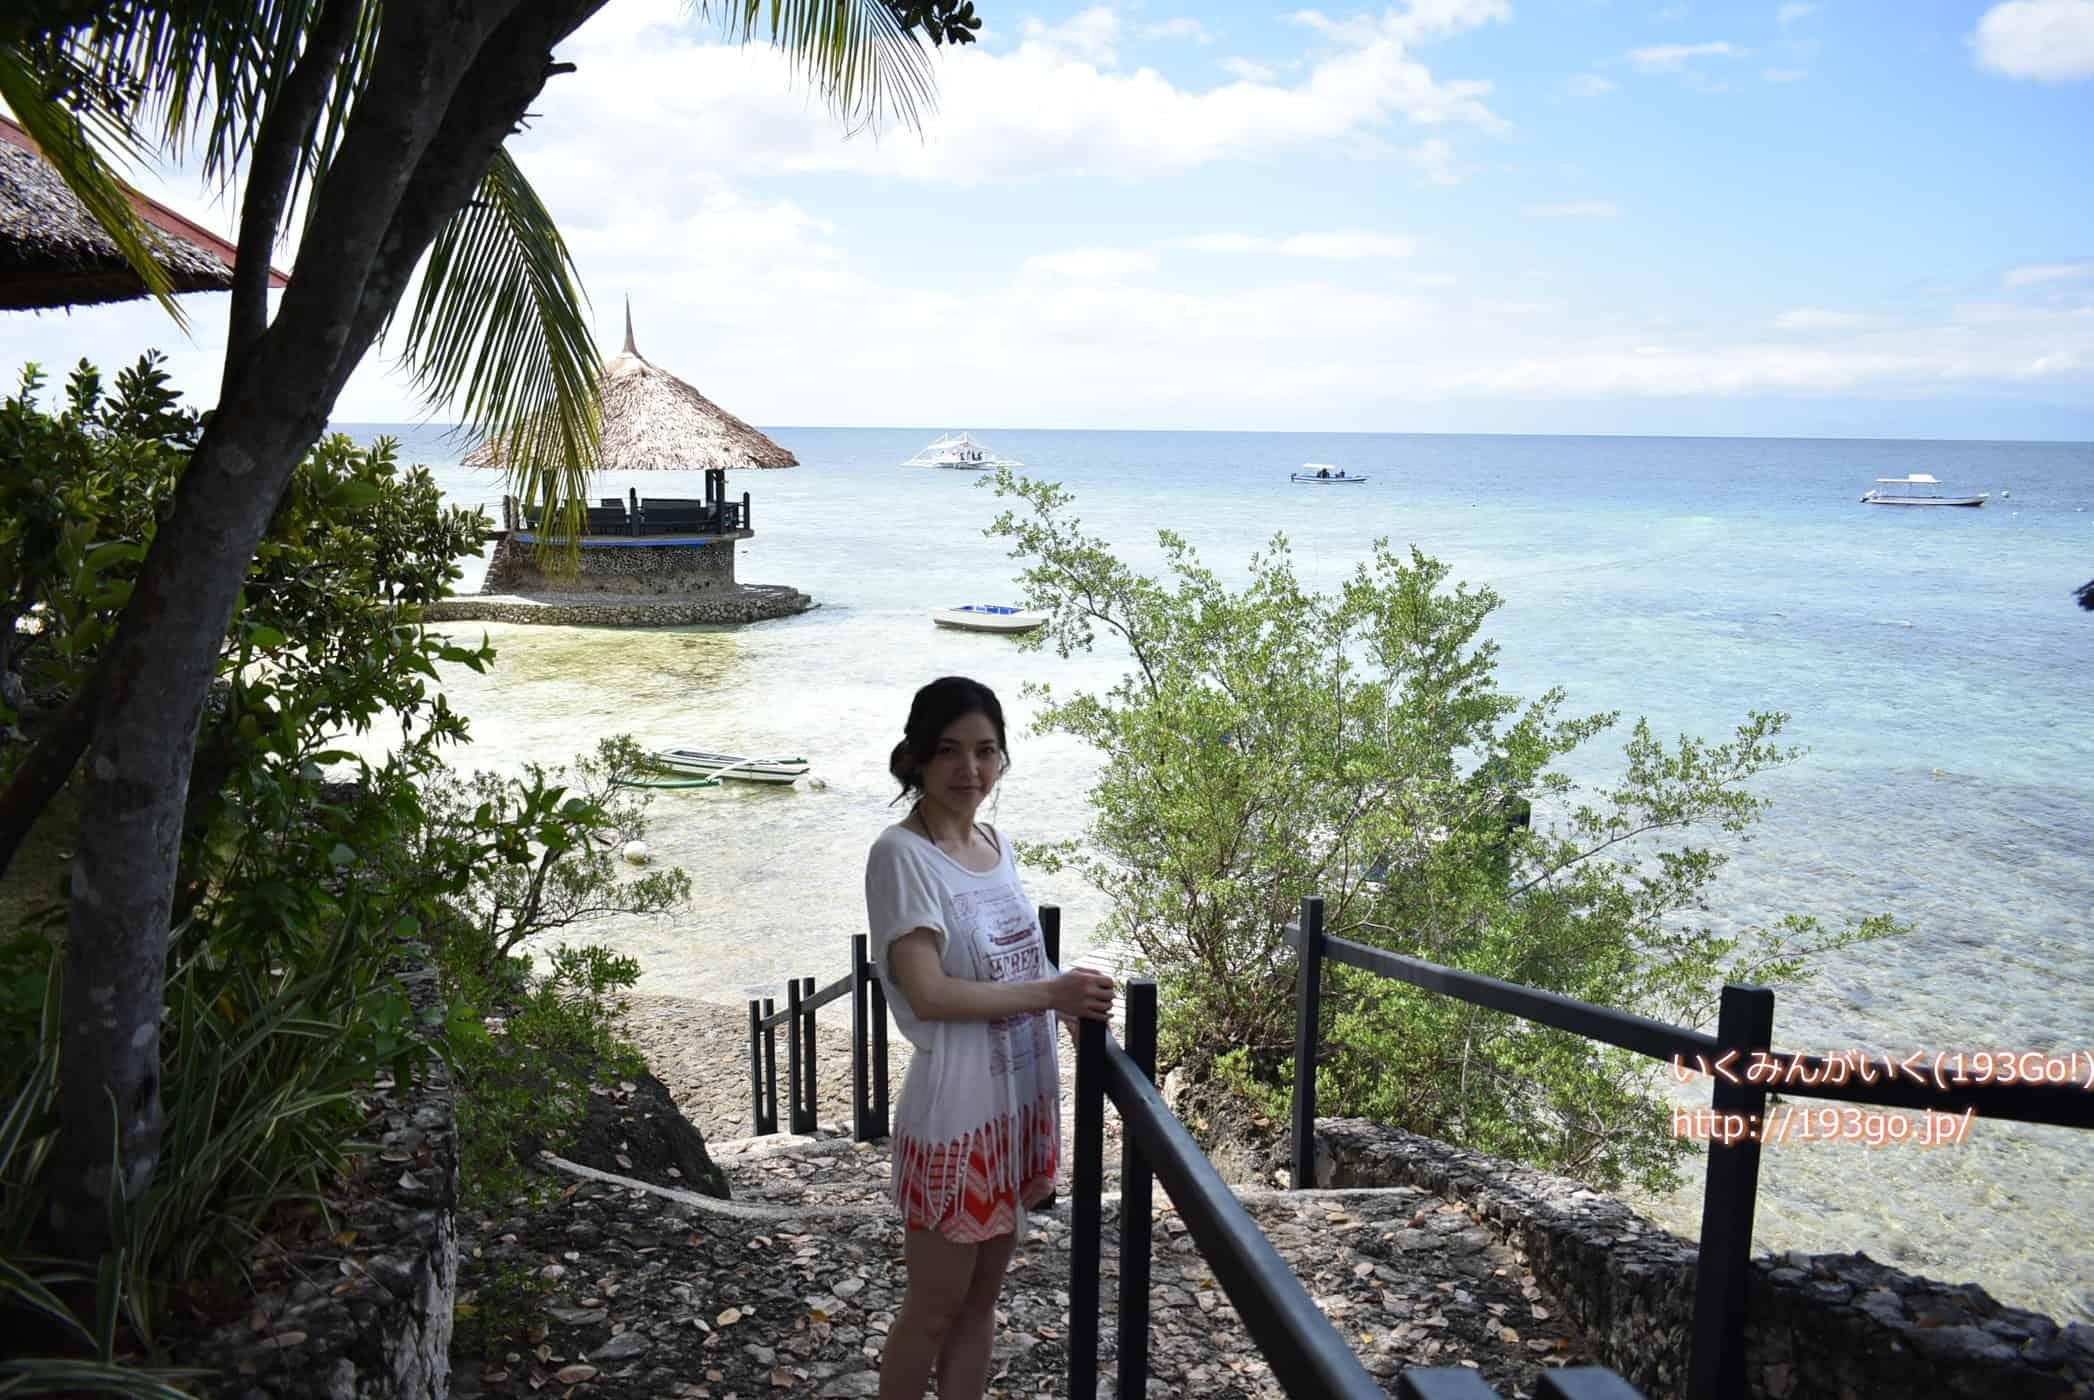 フィリピン セブ島南部へ!モアルボアル「ドルフィンハウス」にチェックイン!